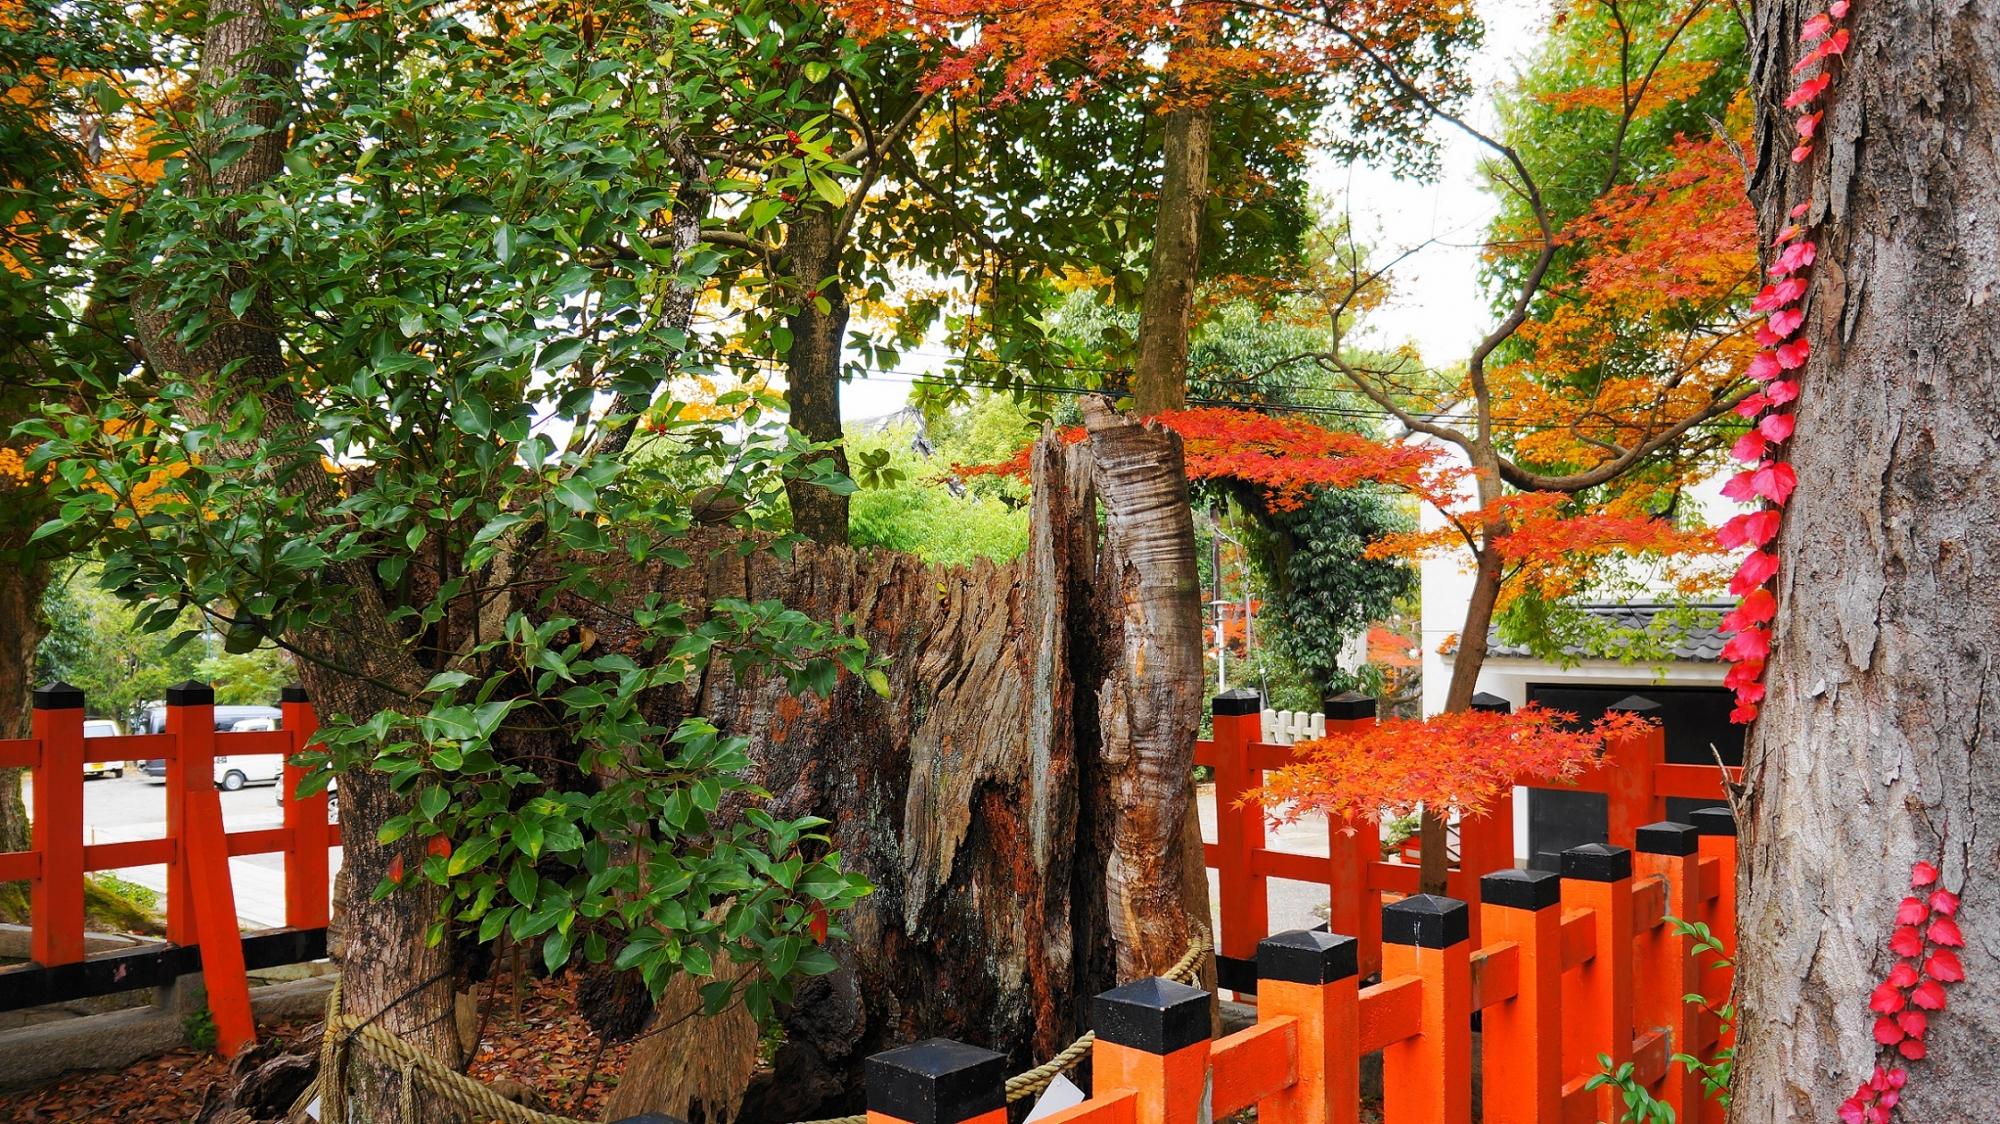 八坂神社 可愛い紅葉 本殿付近